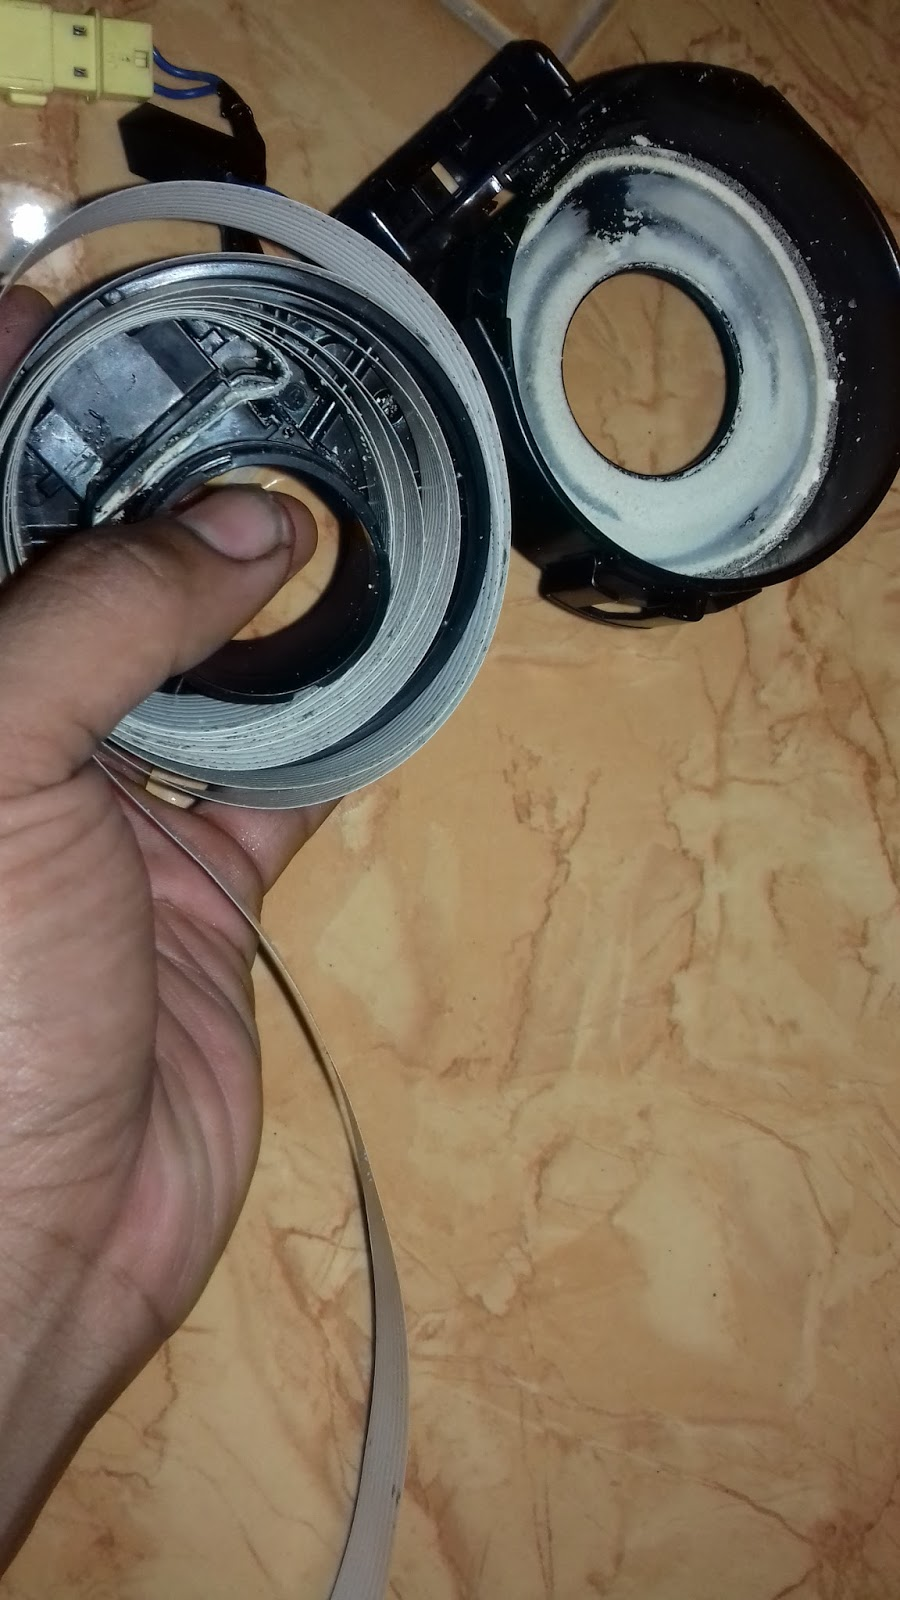 hight resolution of  nyala dan bel horn tidak akan berfungsi hal itu disebabkan reel cable putus ini penampakannya dan panjang kabel tersebut kurang lebih 1 5meter